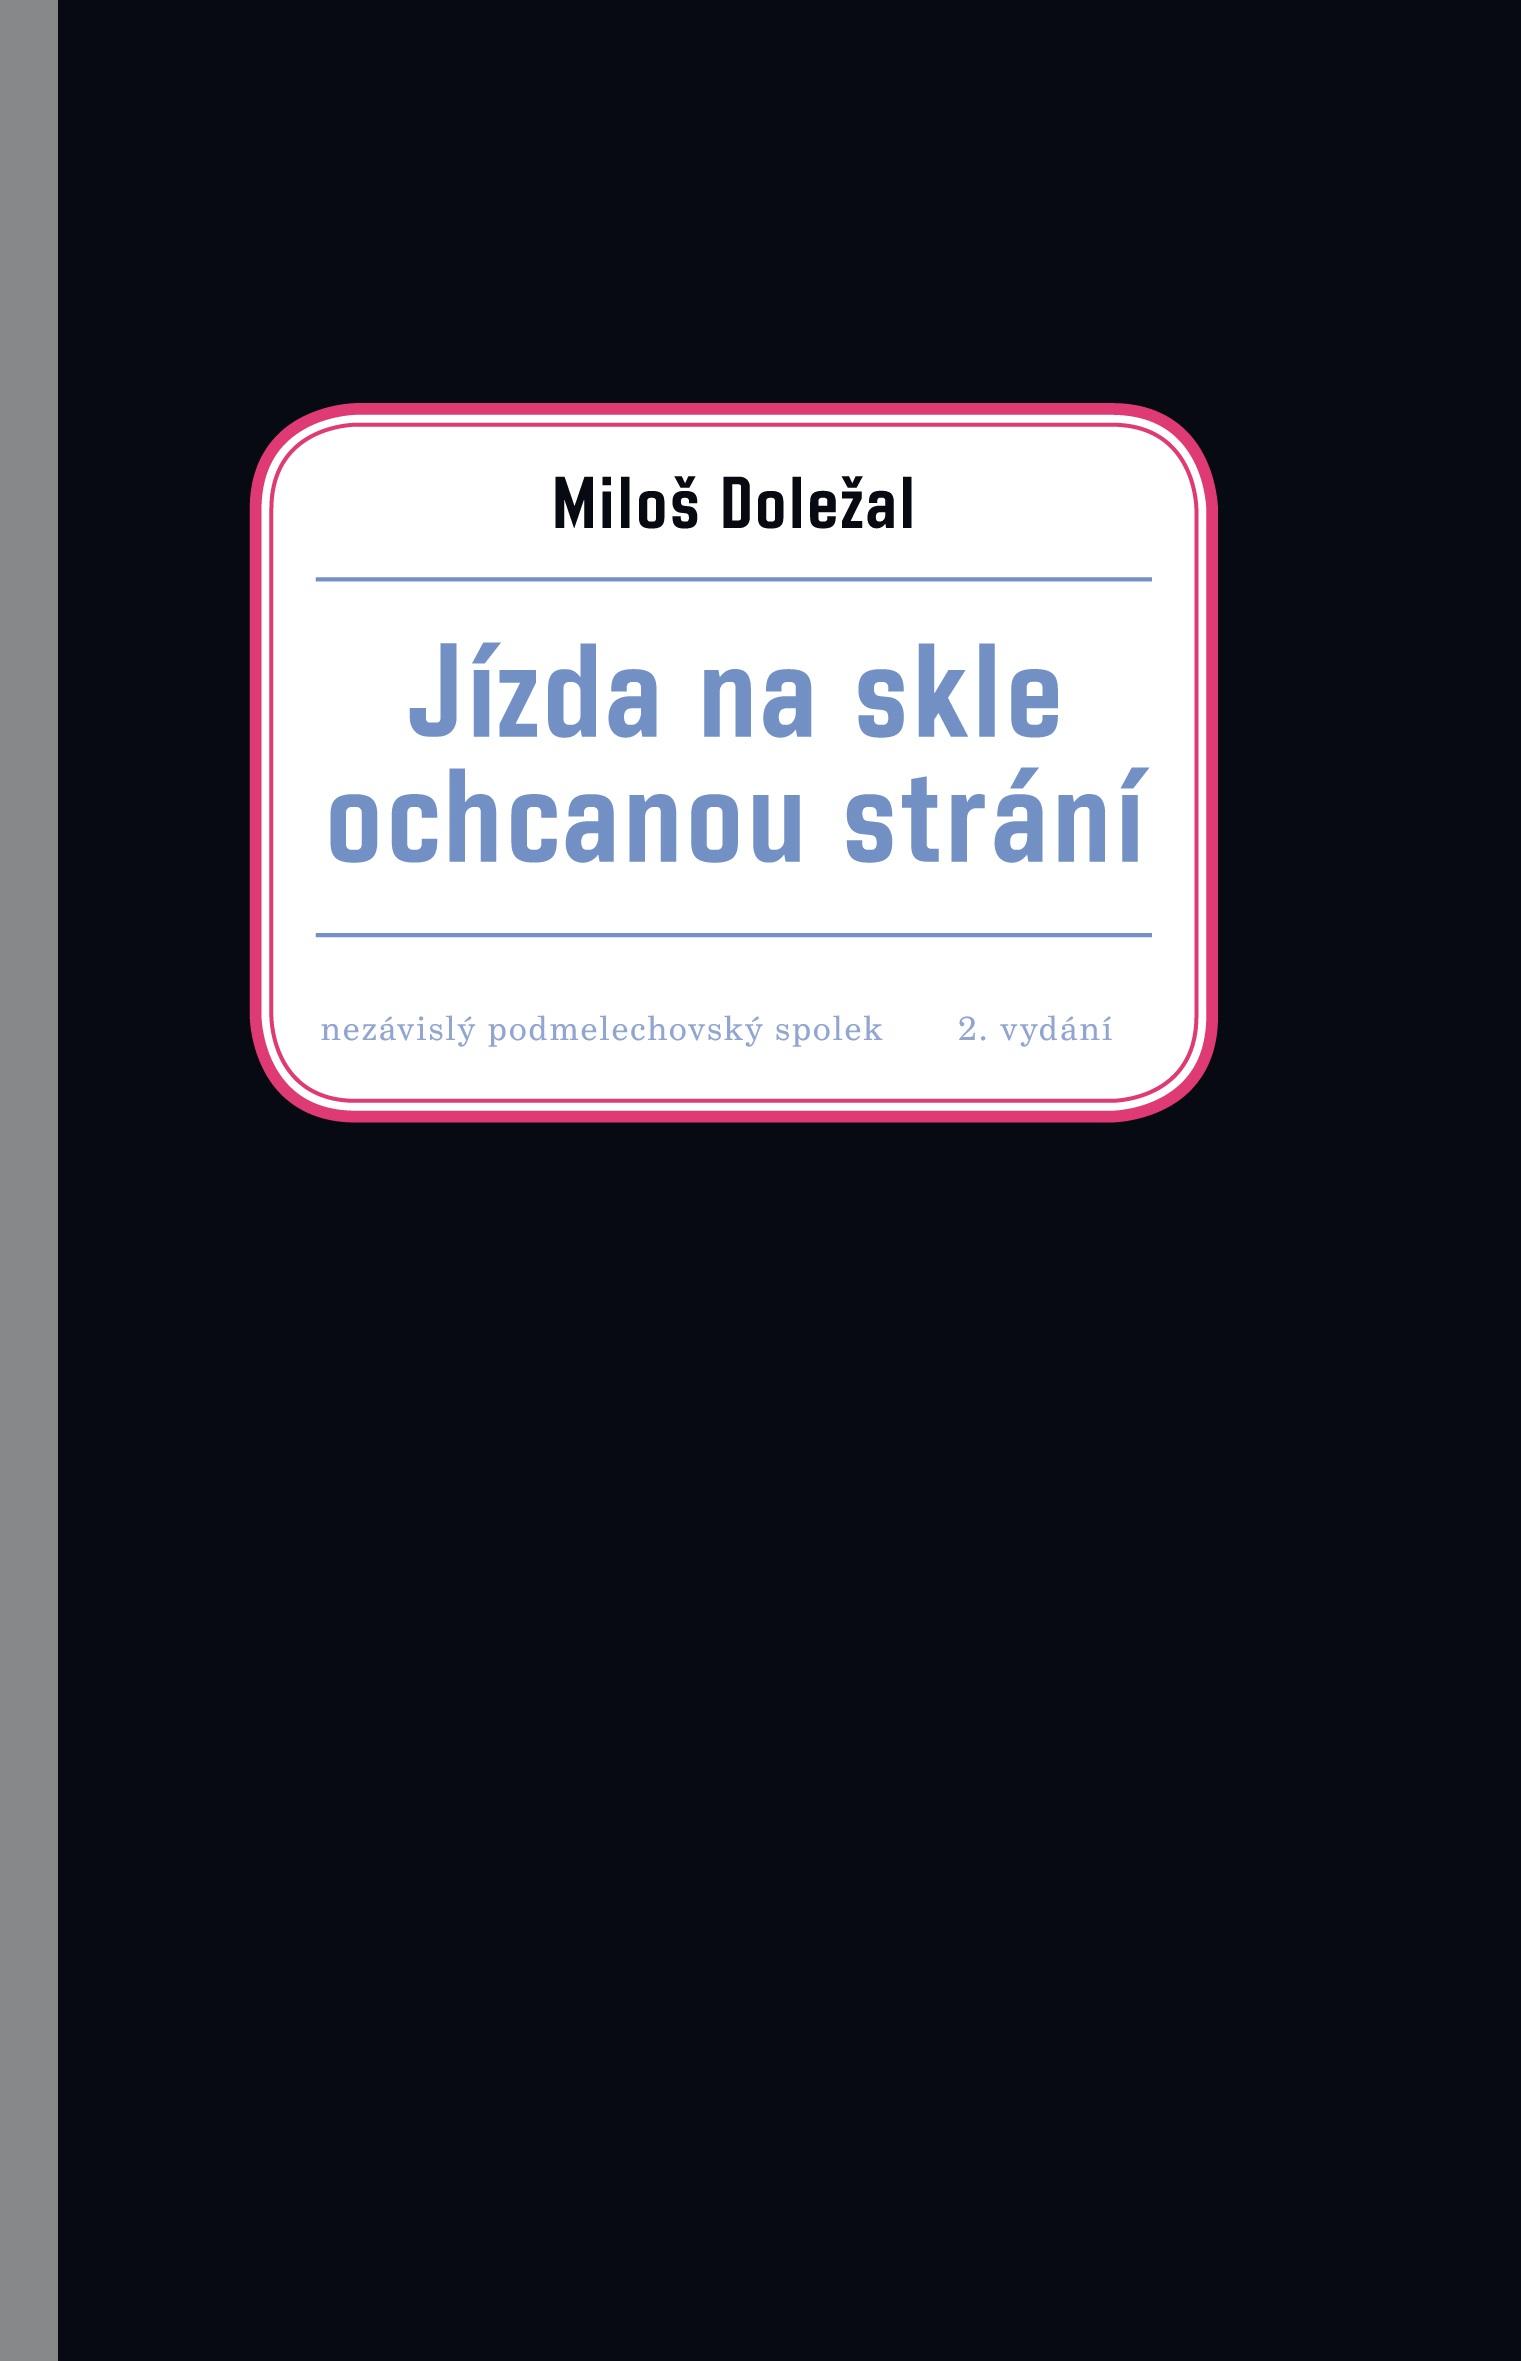 Právě vyšlo 2.rozšířené vydání knihy Miloše Doležala Jízda ochcanou strání